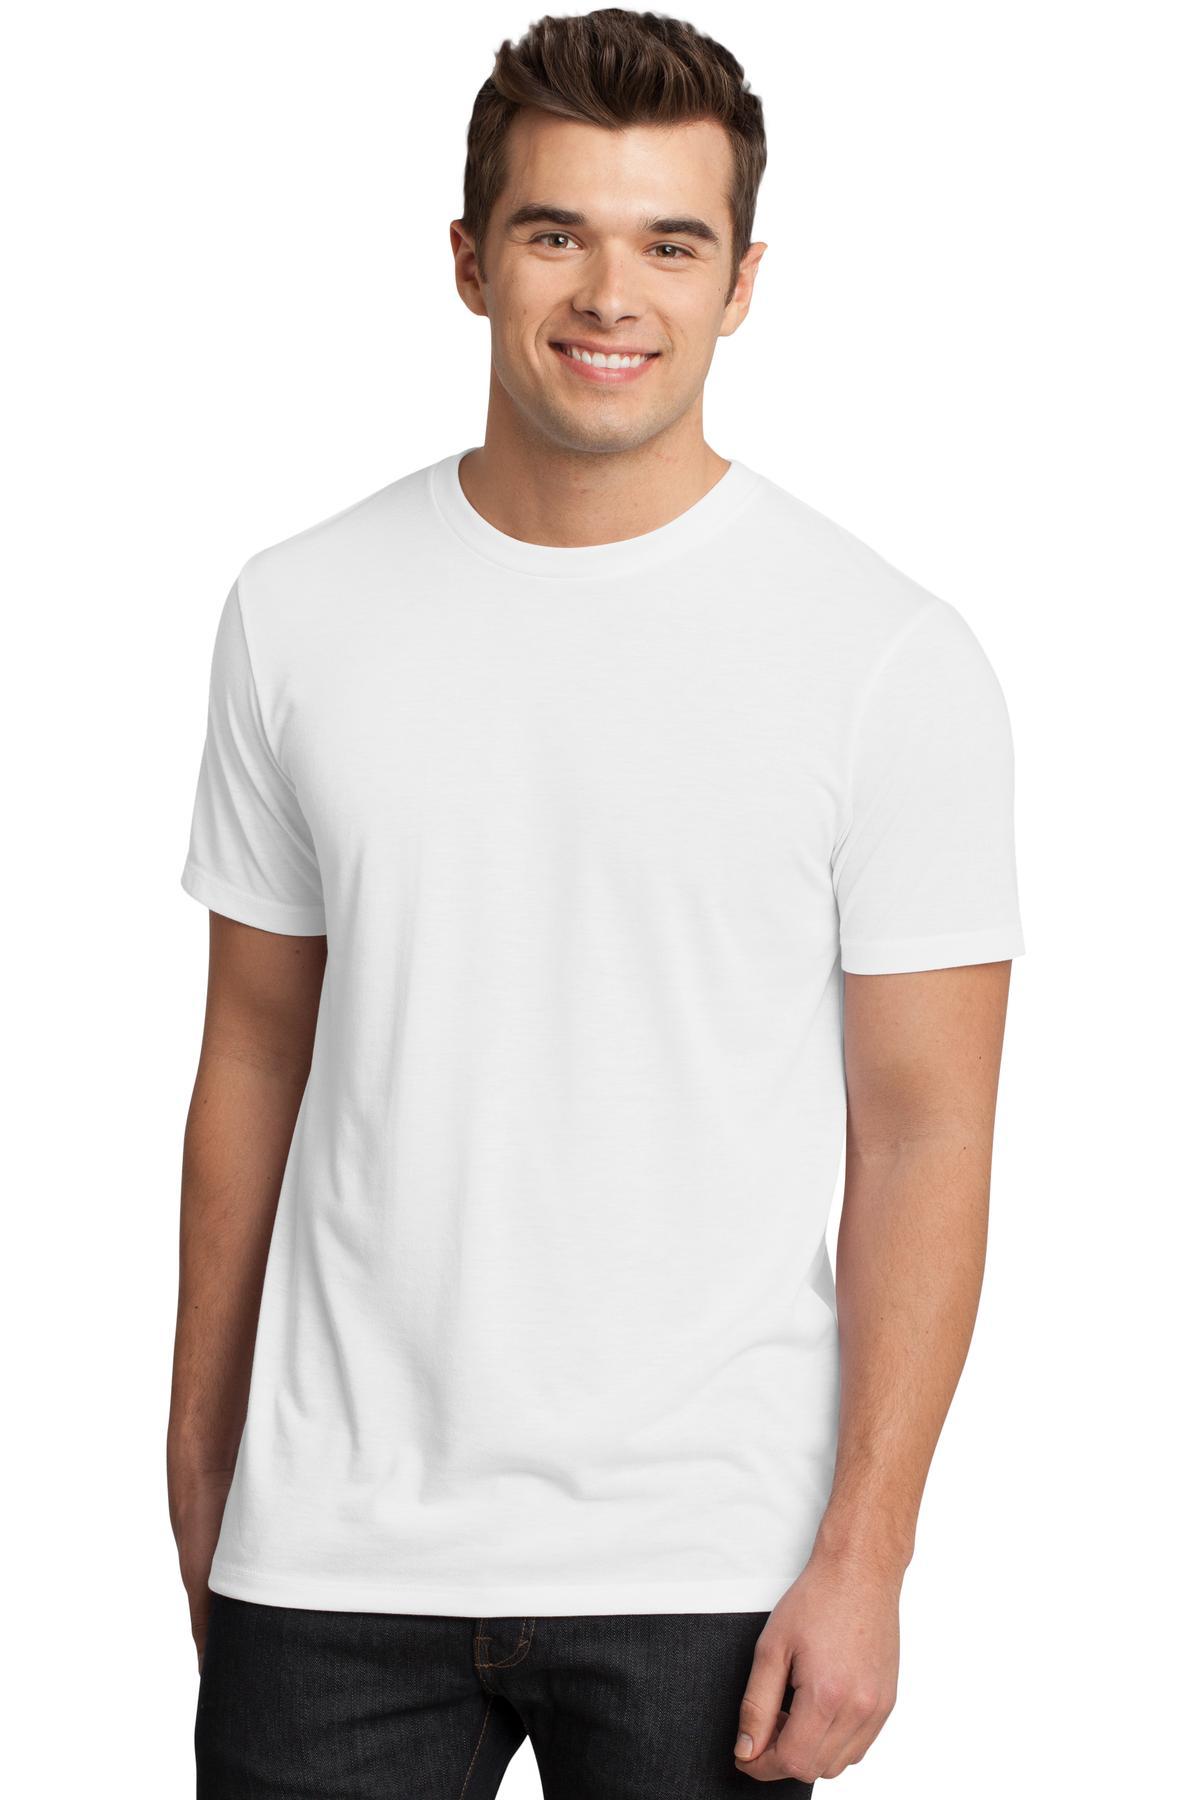 T-Shirts-Juniors-Young-Men-41